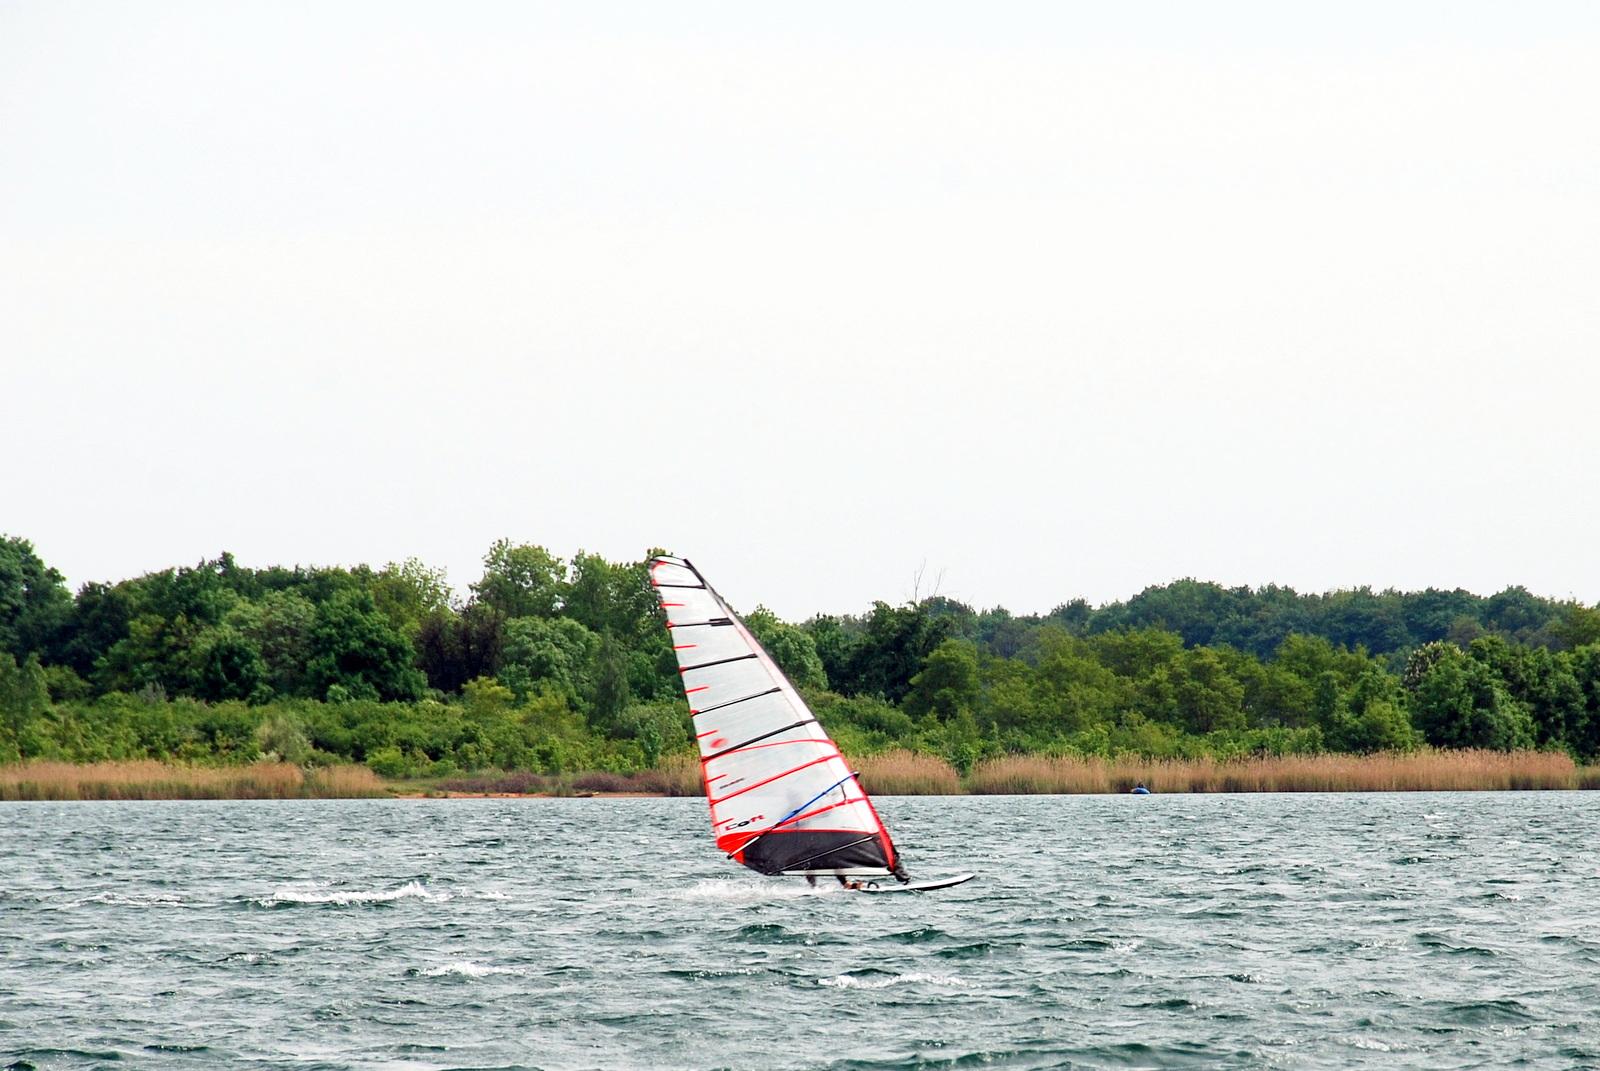 Windsurfen_RanitzerSee_Windsurfen_RanitzerSee_DSC_0193.JPG